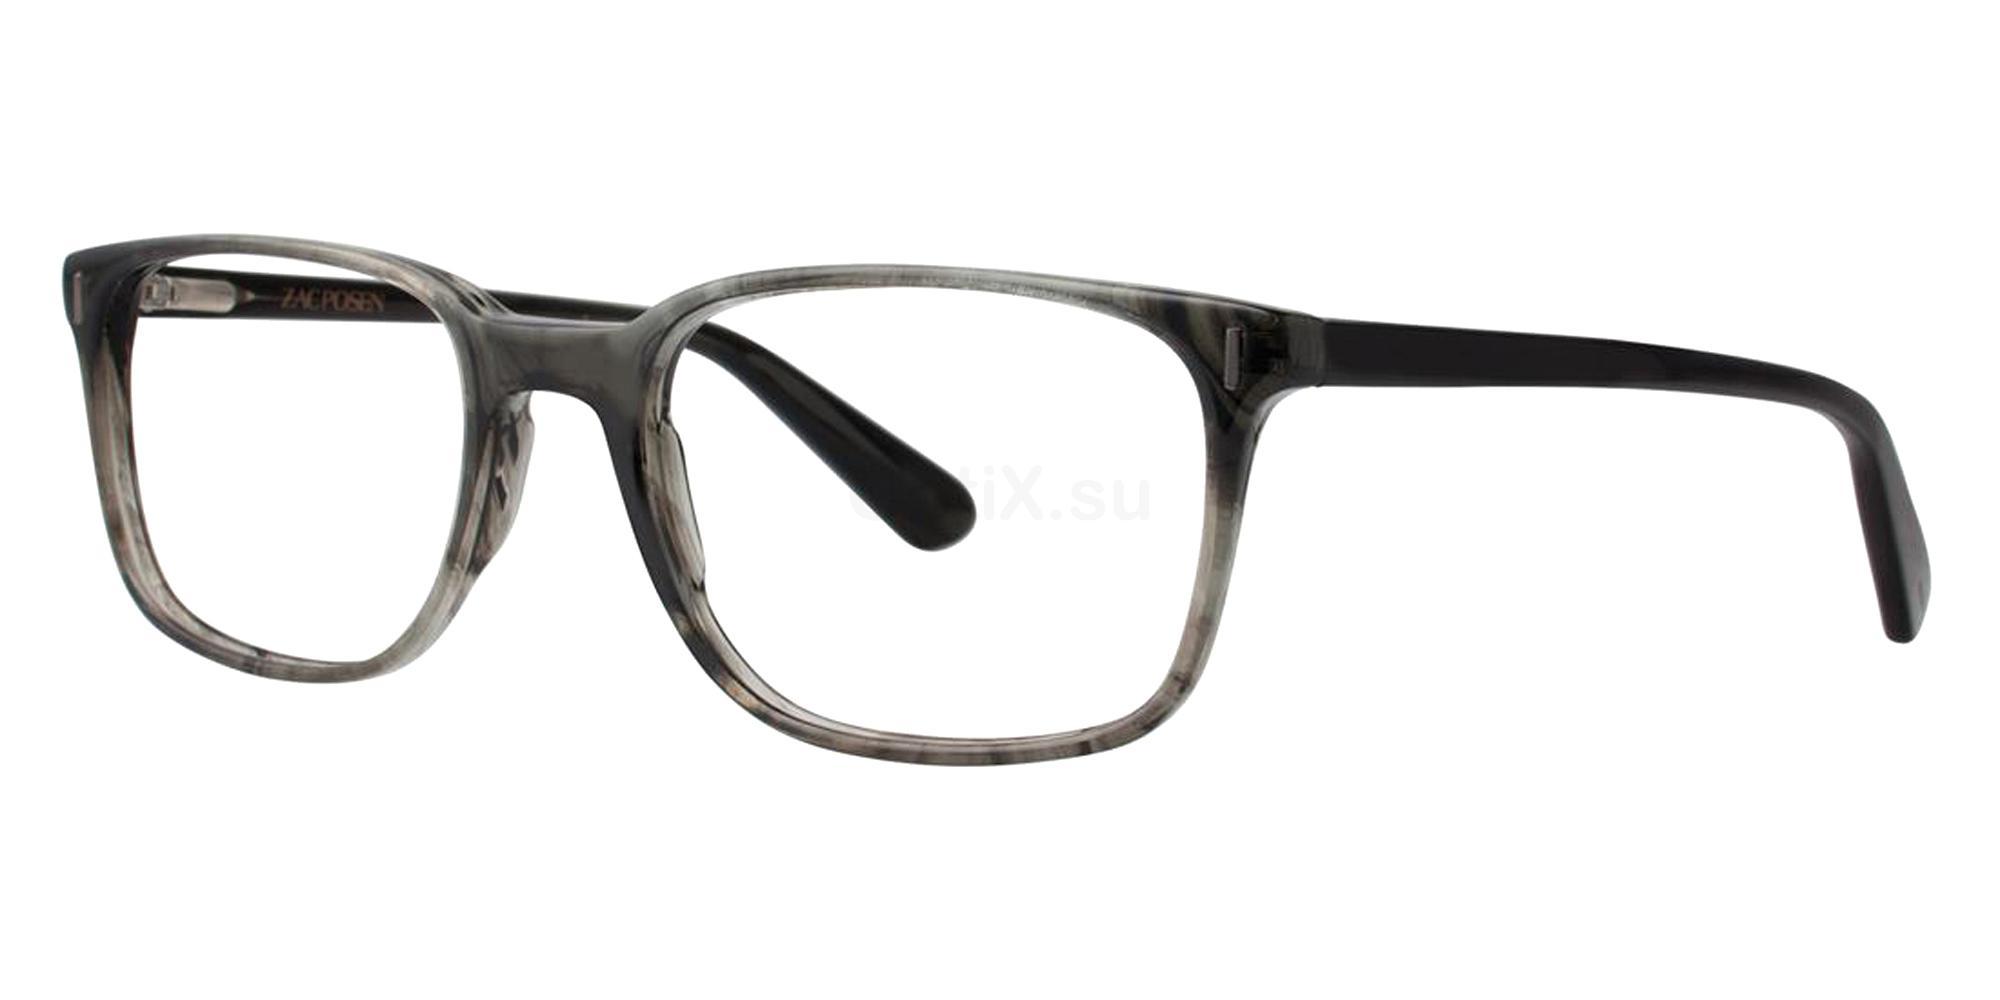 Forest HENRICK Glasses, Zac Posen